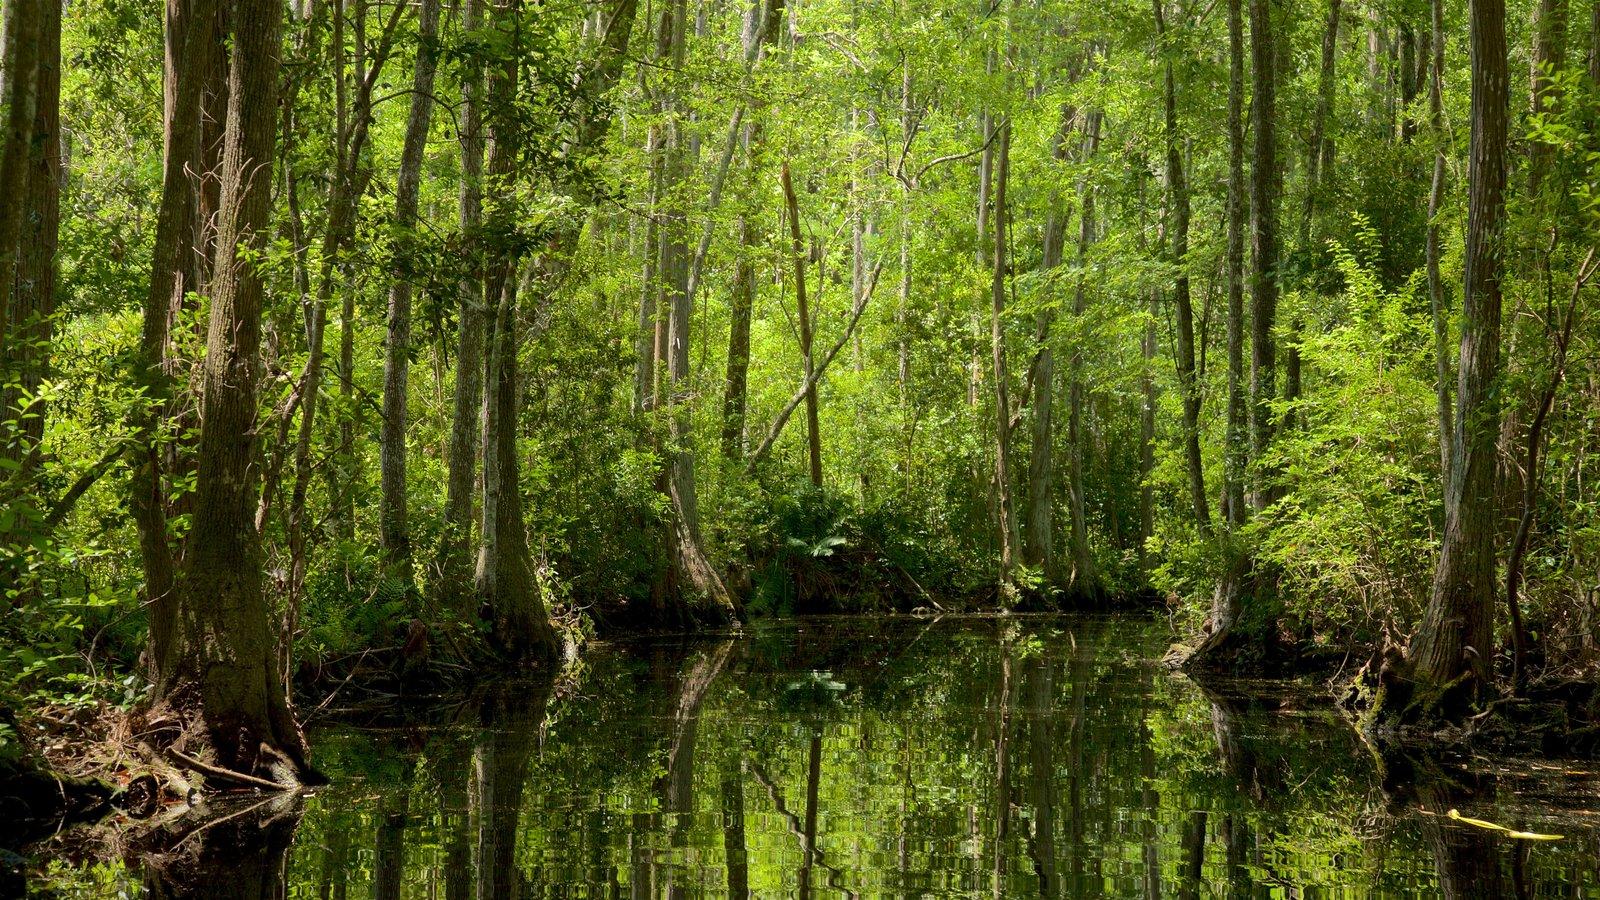 Parque Okefenokee Swamp ofreciendo un río o arroyo y escenas forestales